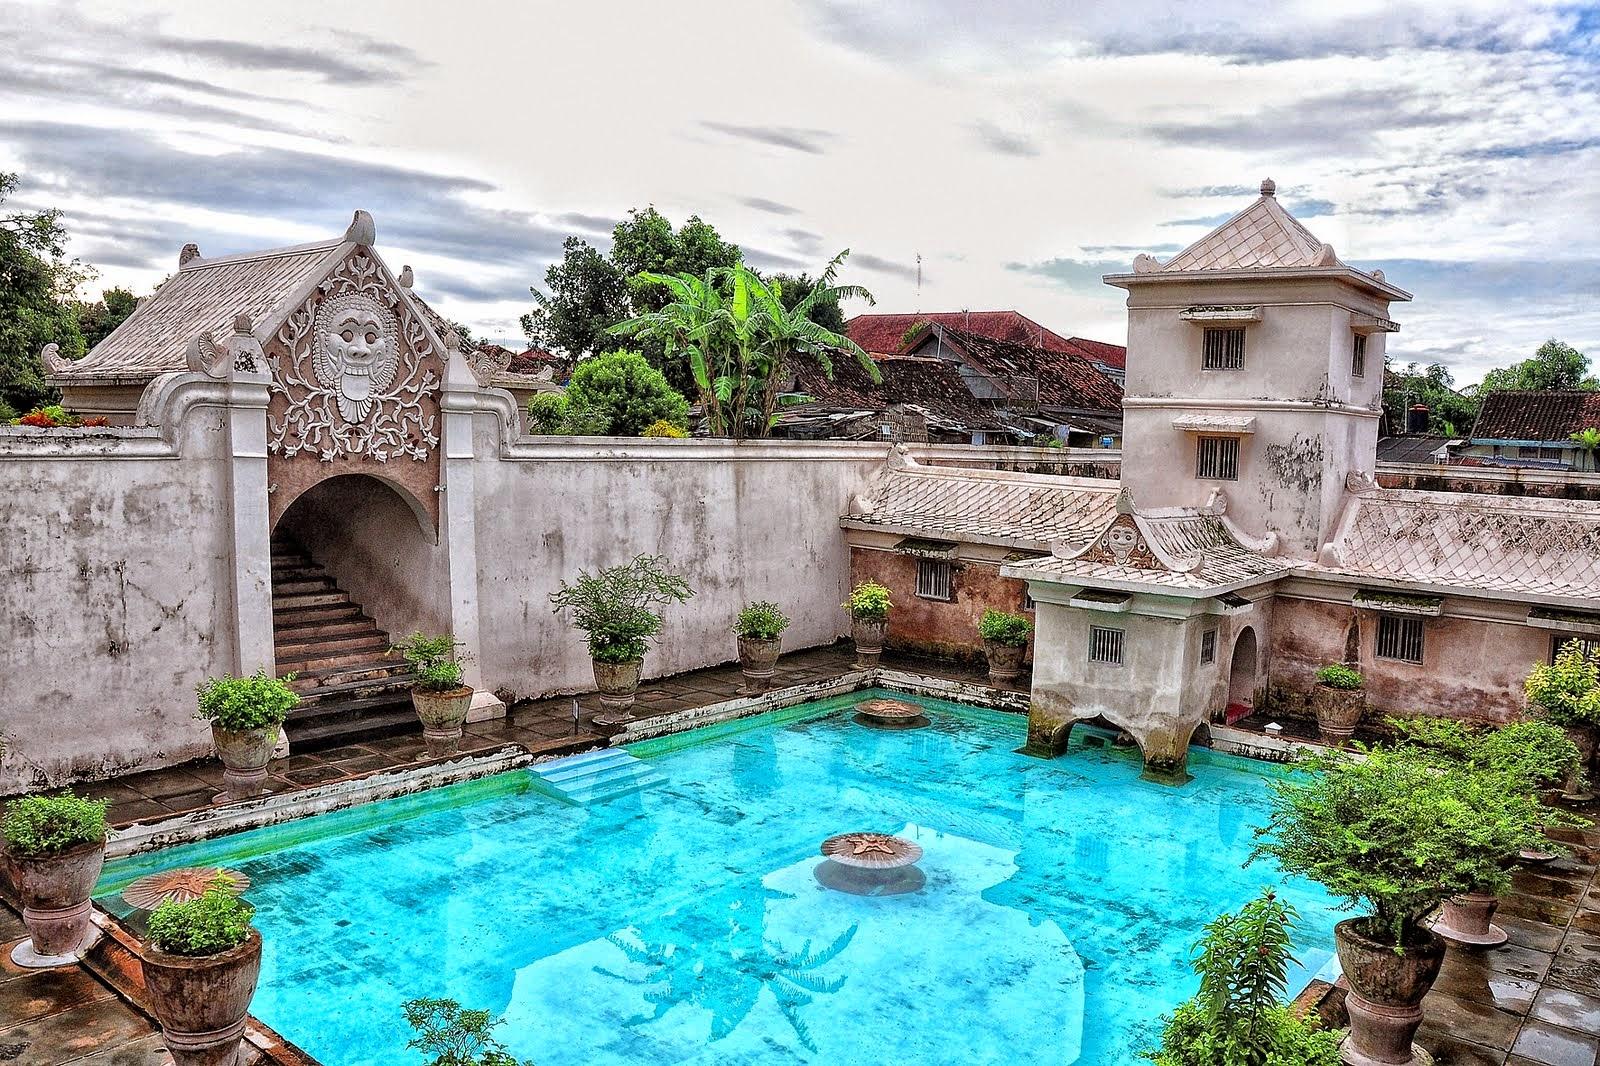 Istana Air Taman Sari Yang Penuh Keindahan Dan Rahasia Oleh Oleh